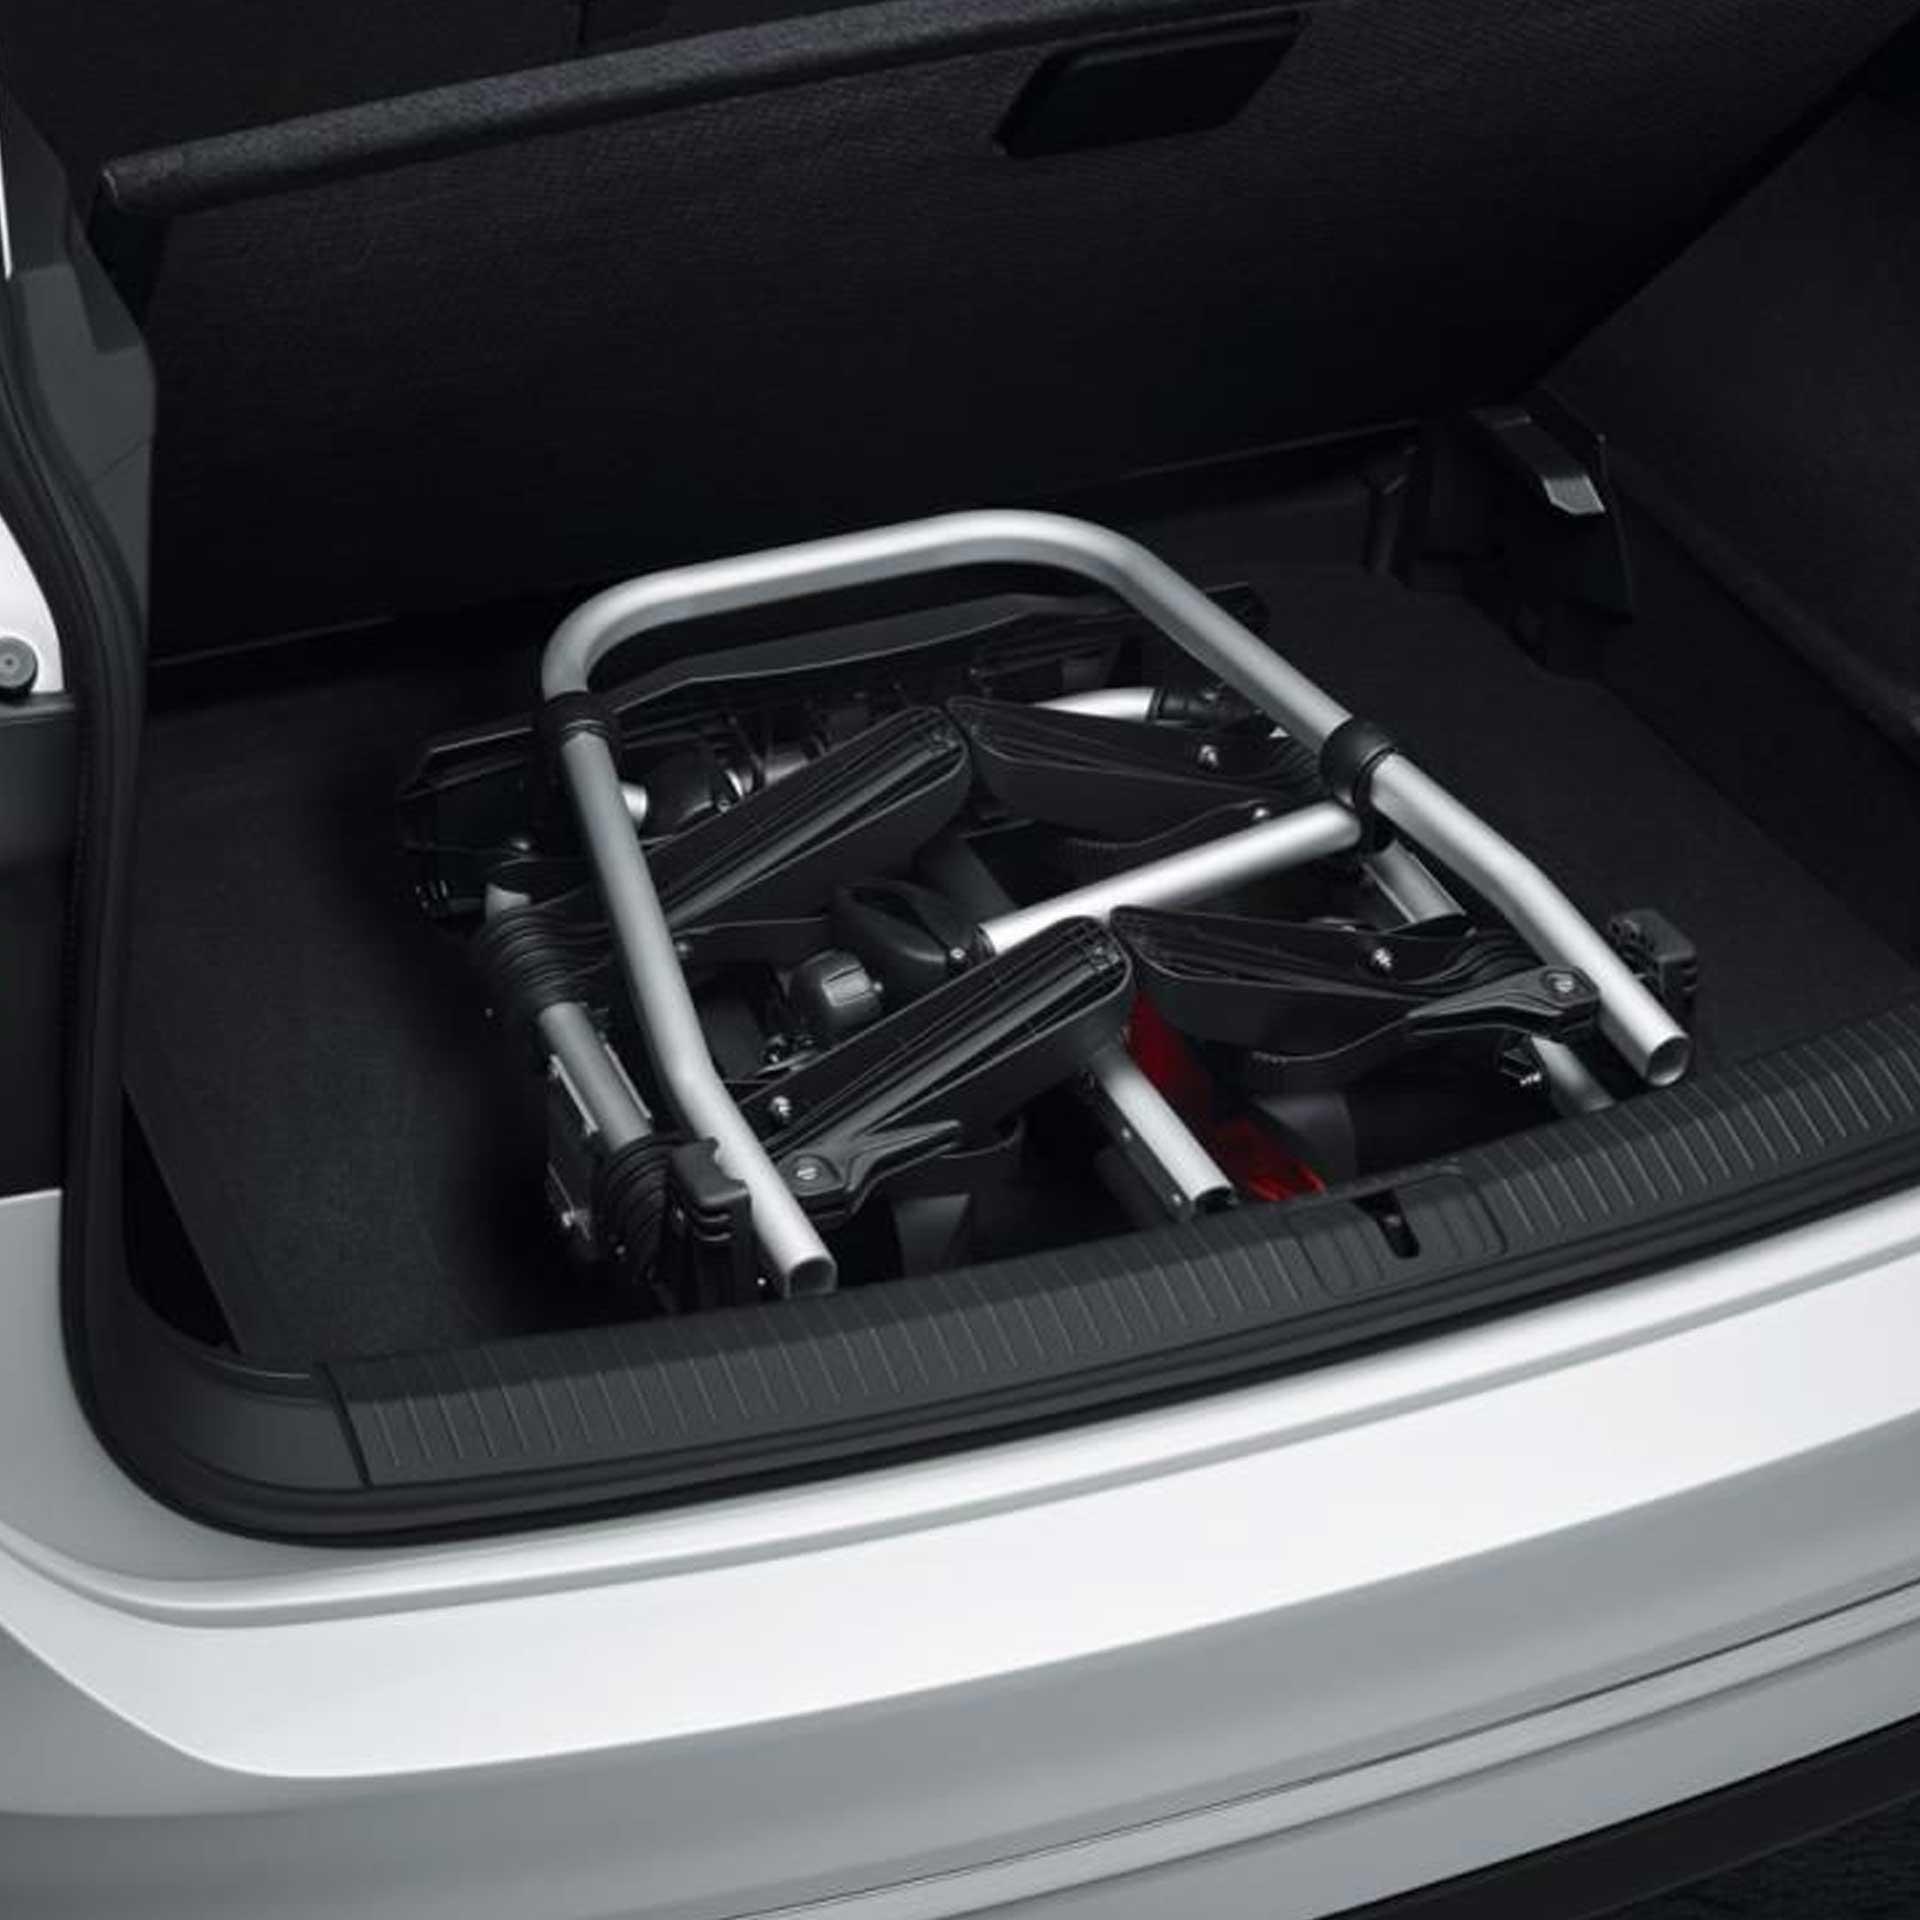 Volkswagen Fahrradträger Compact II für die Anhängervorrichtung für 2 Fahrräder faltbar